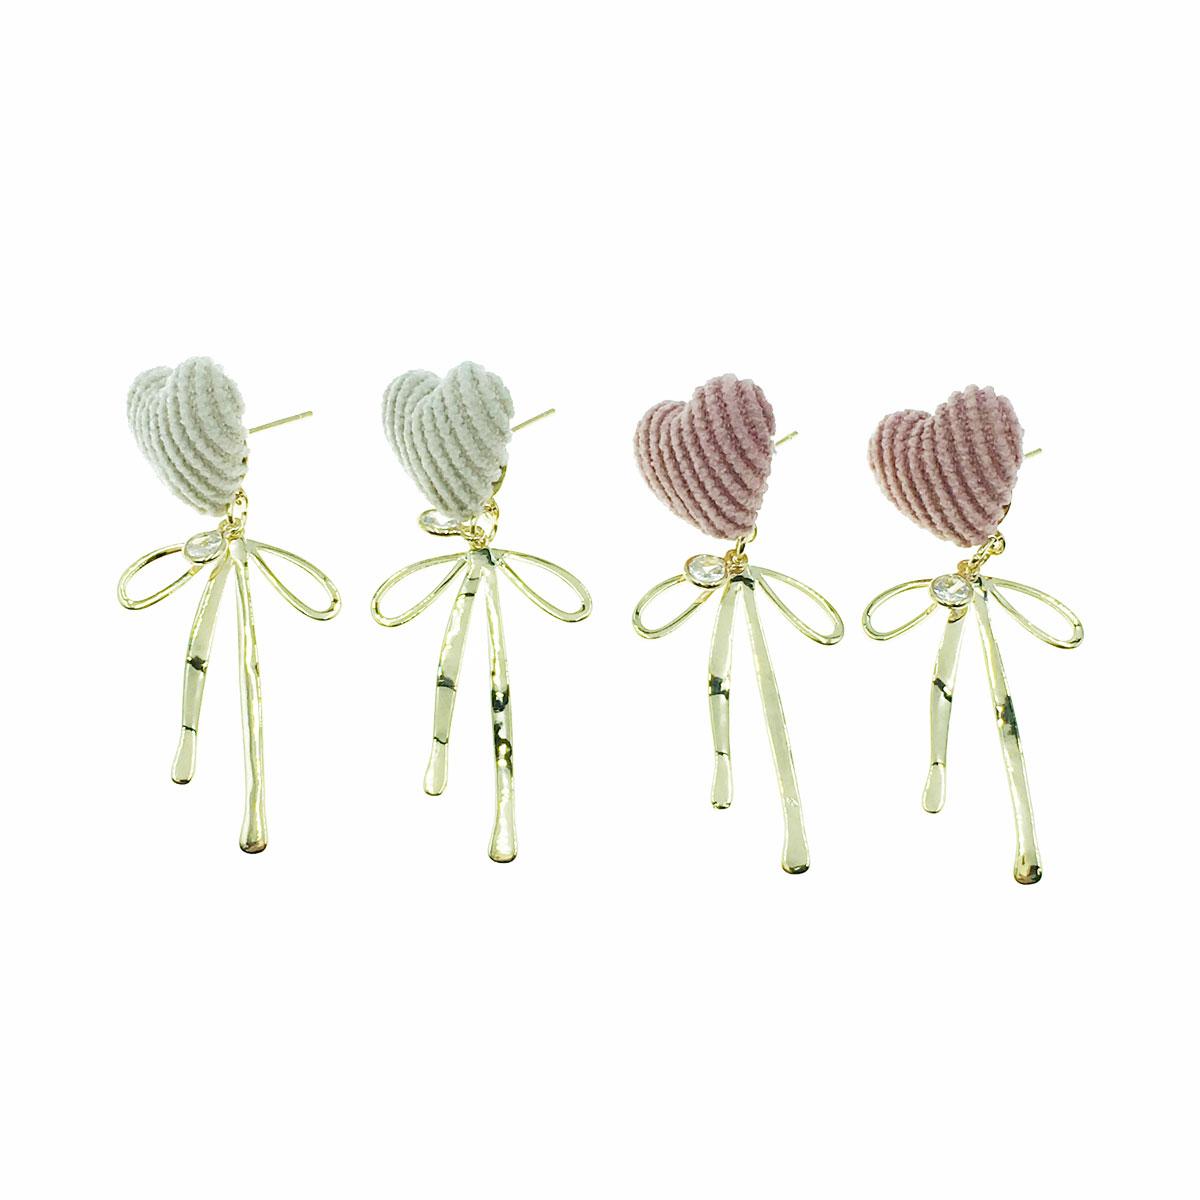 韓國 925純銀 絨毛 愛心 水鑽 蝴蝶結 垂墜感 兩色 耳針式 耳環